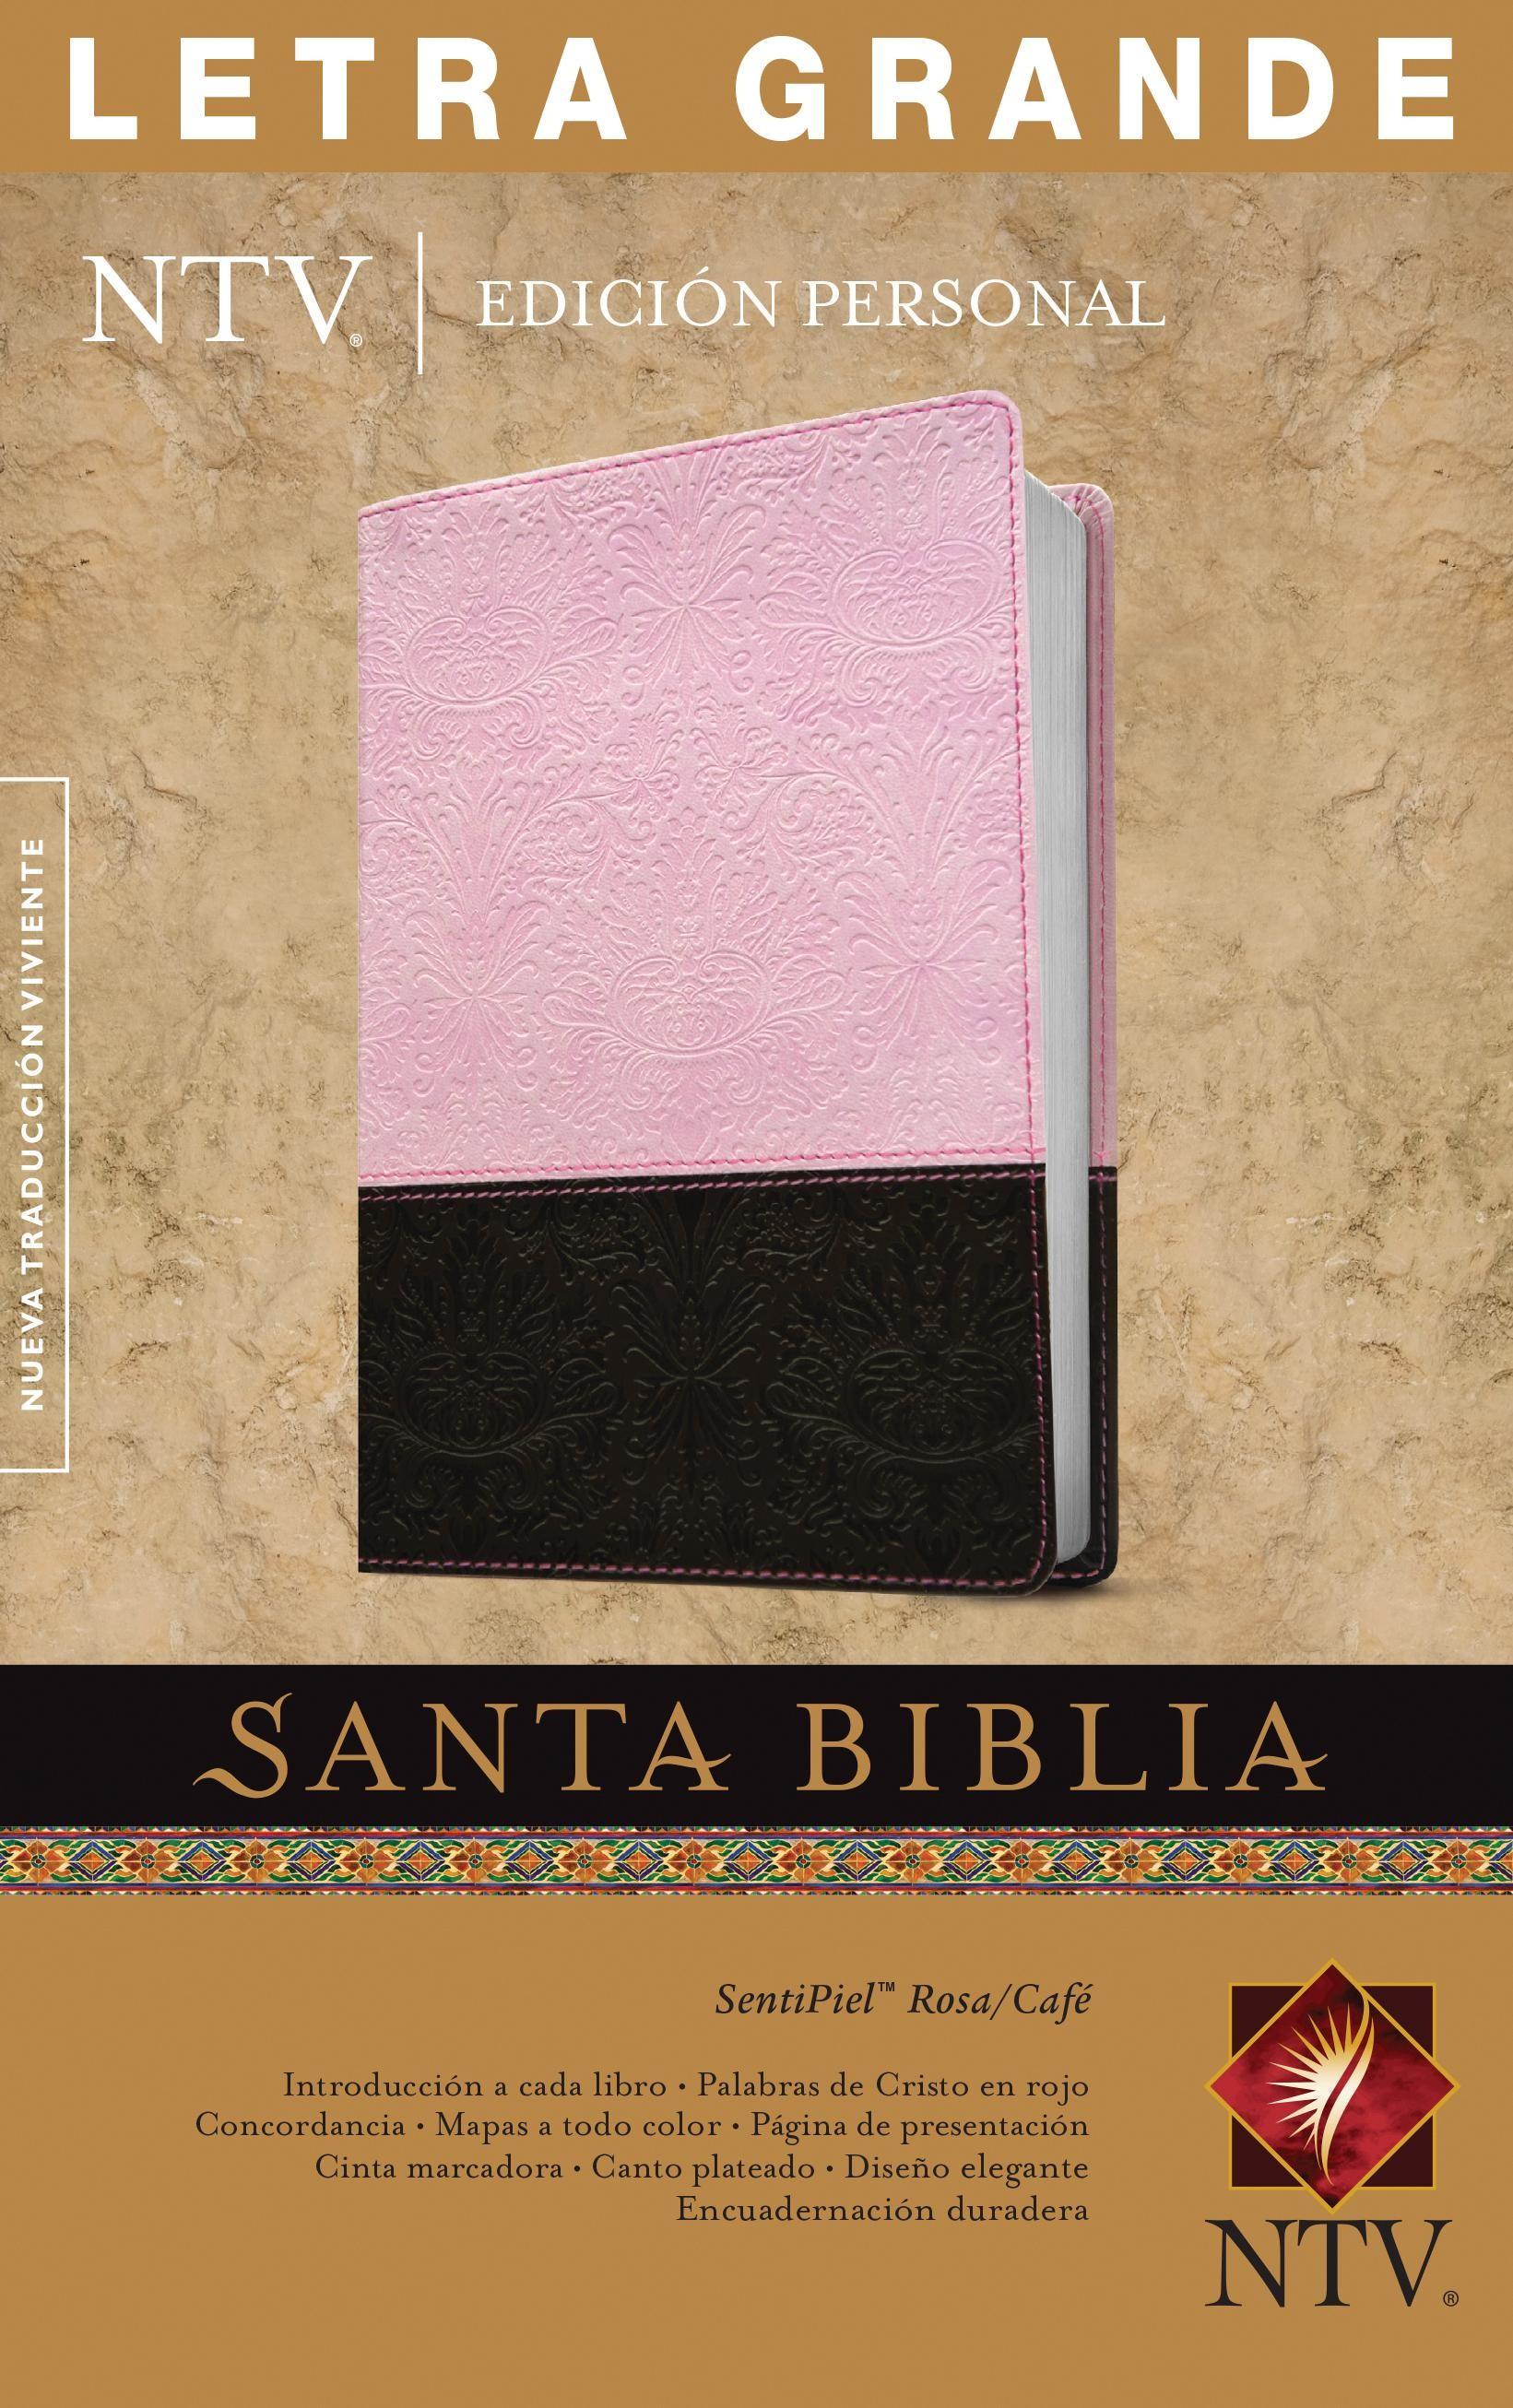 Santa Biblia NTV, Edición personal, letra grande (Letra Roja, SentiPiel, Rosa/Café, Índice)